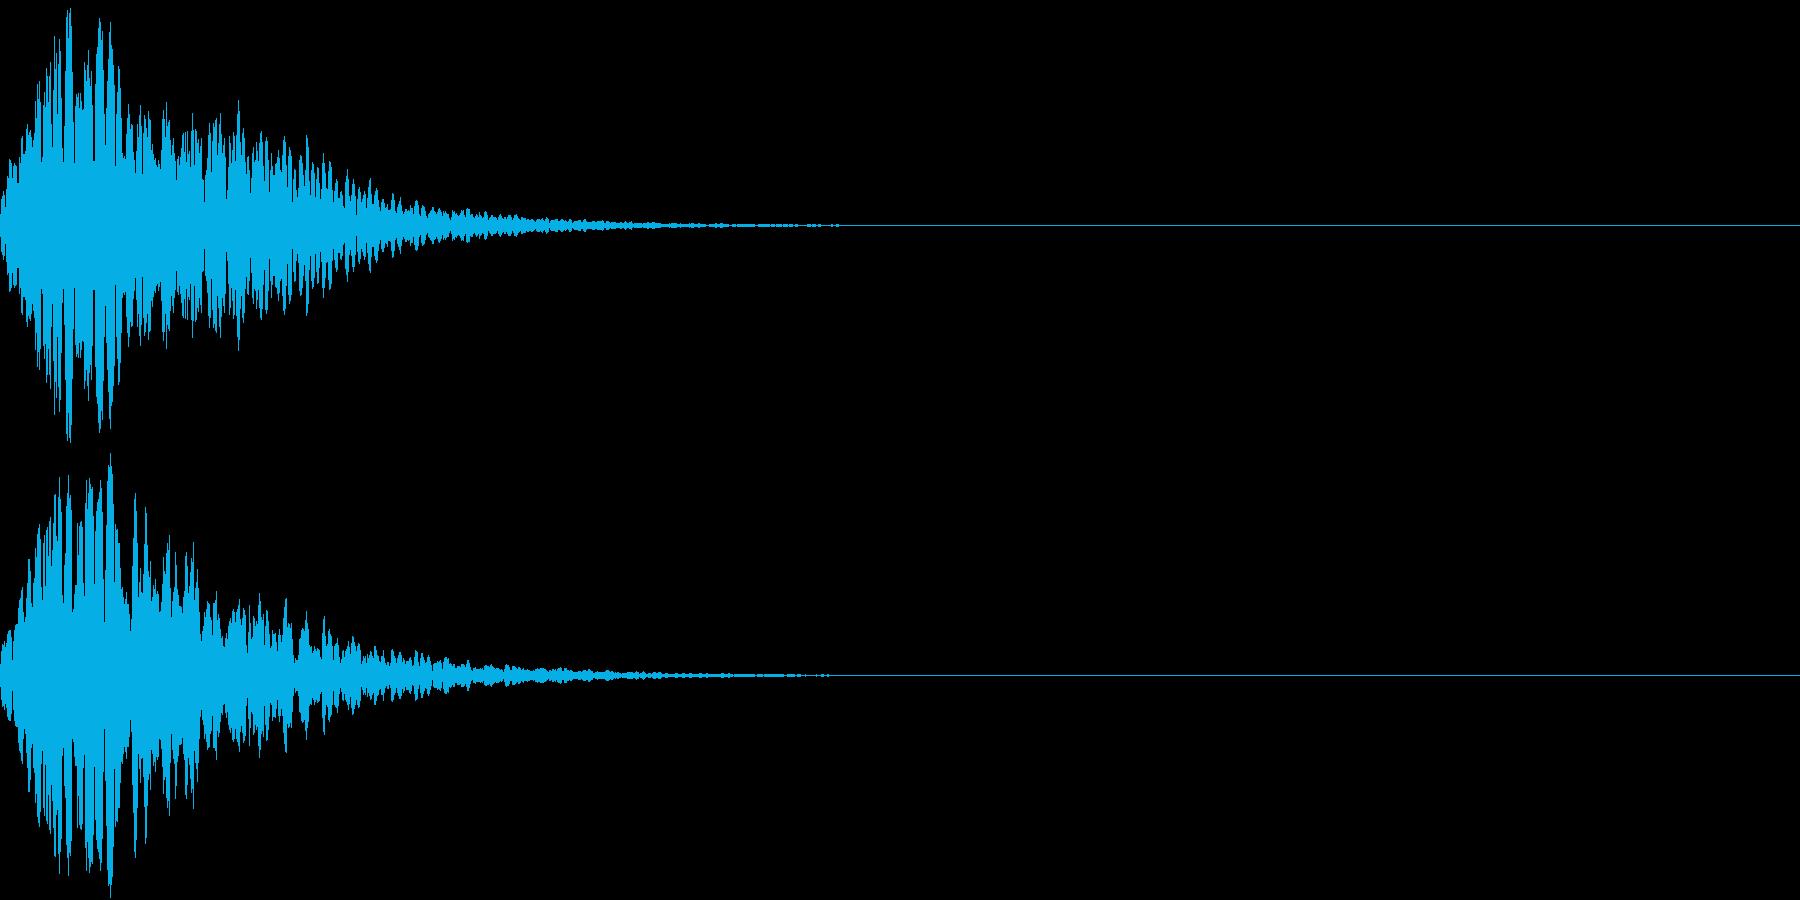 キュイン 光 ピカーン フラッシュ 12の再生済みの波形